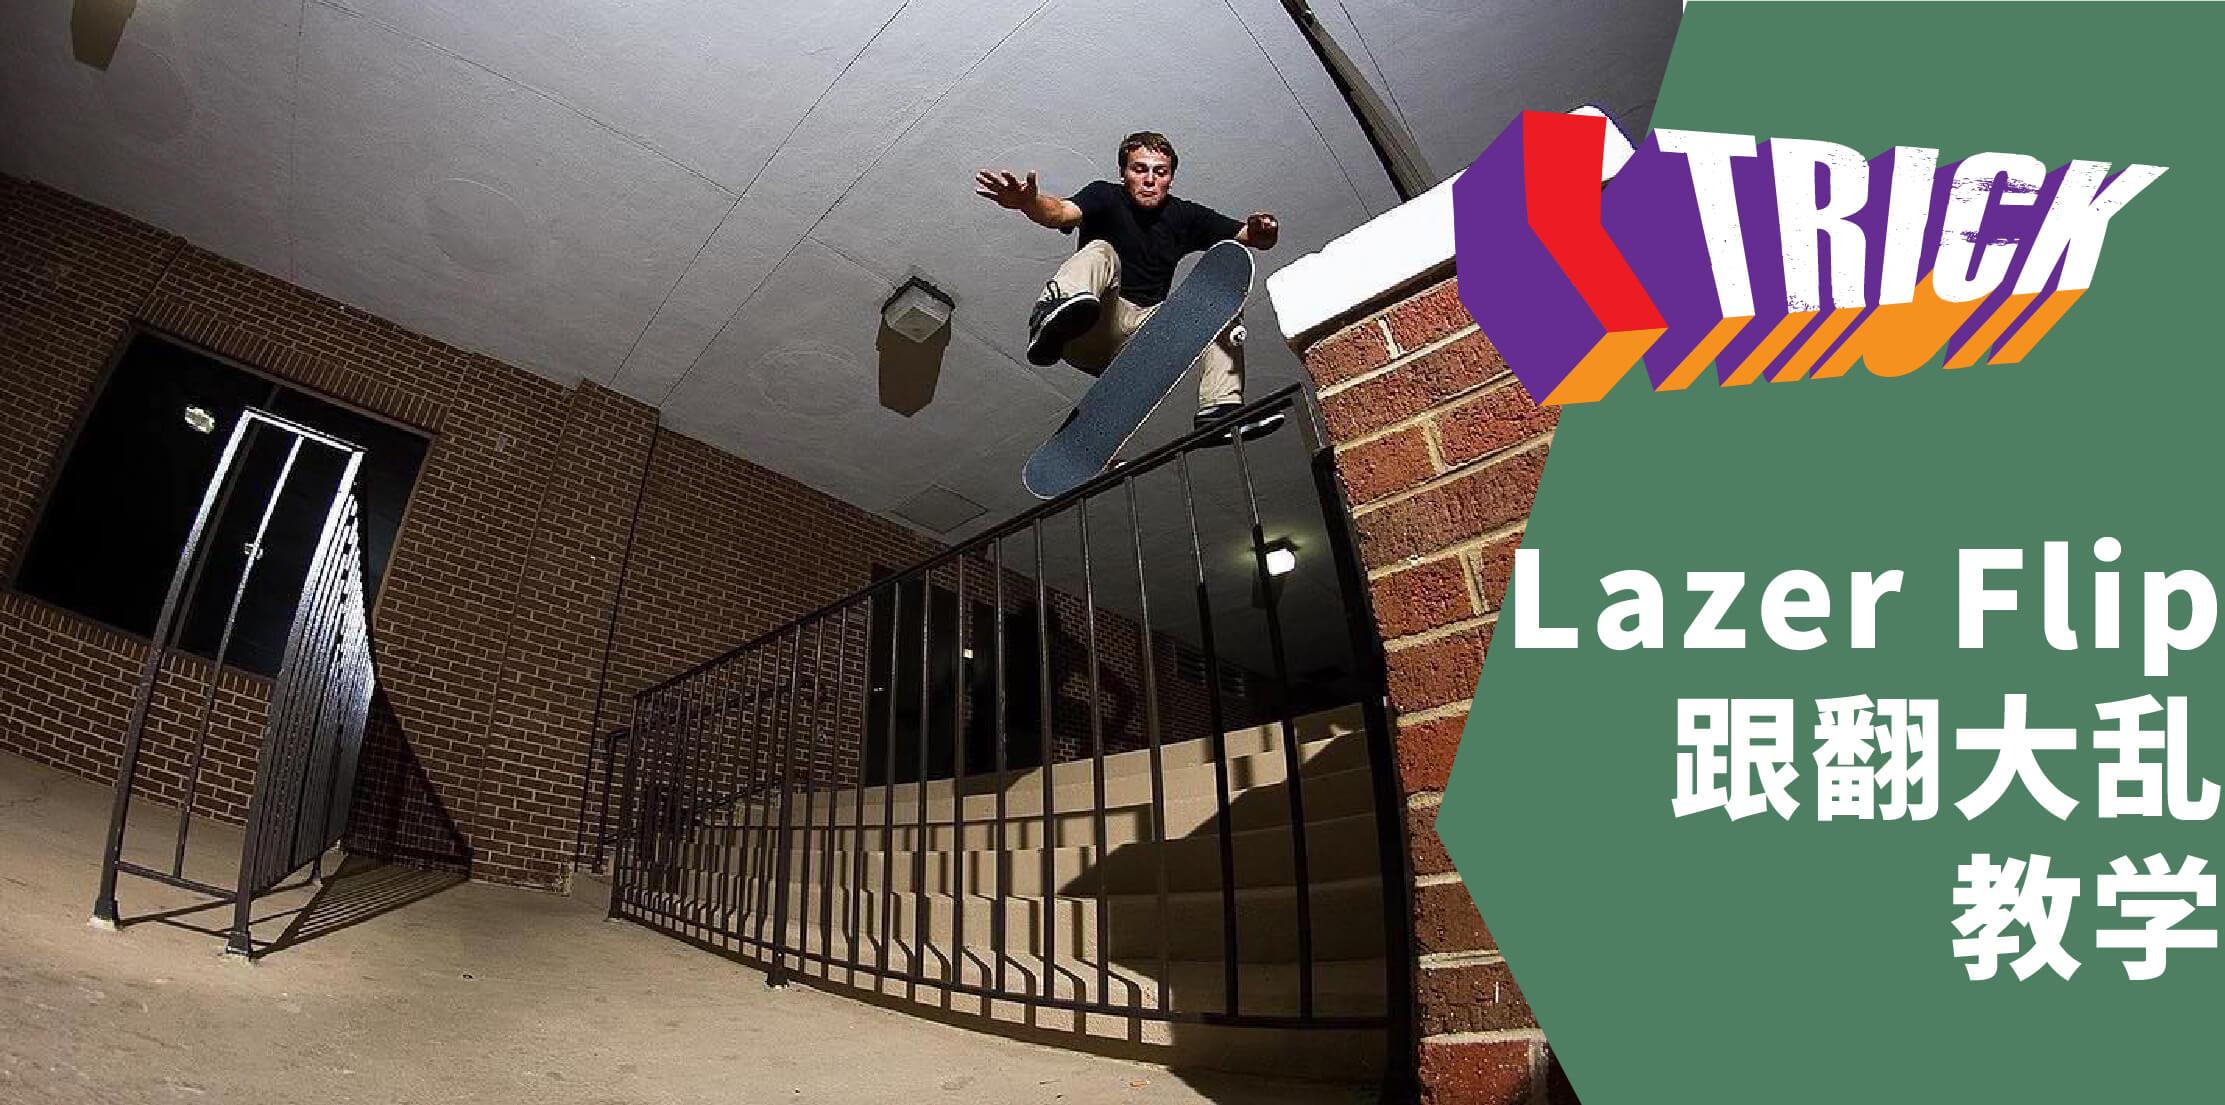 #中文字幕# 几个要点帮你掌握滑板进阶动作 Lazer Flip 跟翻大乱